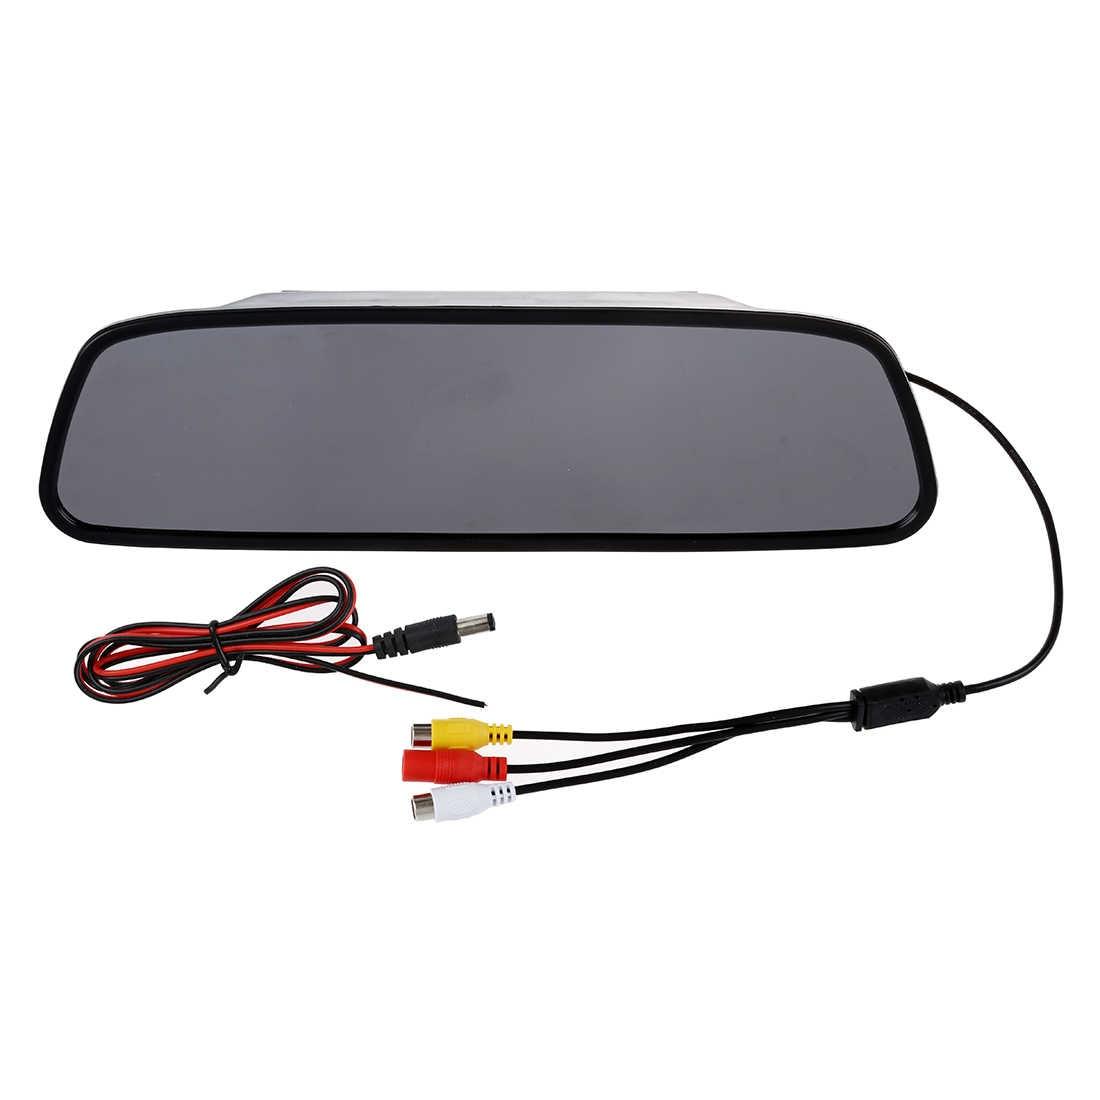 """5 """"5-дюймовый цифровой цветной TFT ЖК-дисплей зеркало заднего вида автомобиля Обратный монитор для камеры DVD VCR"""